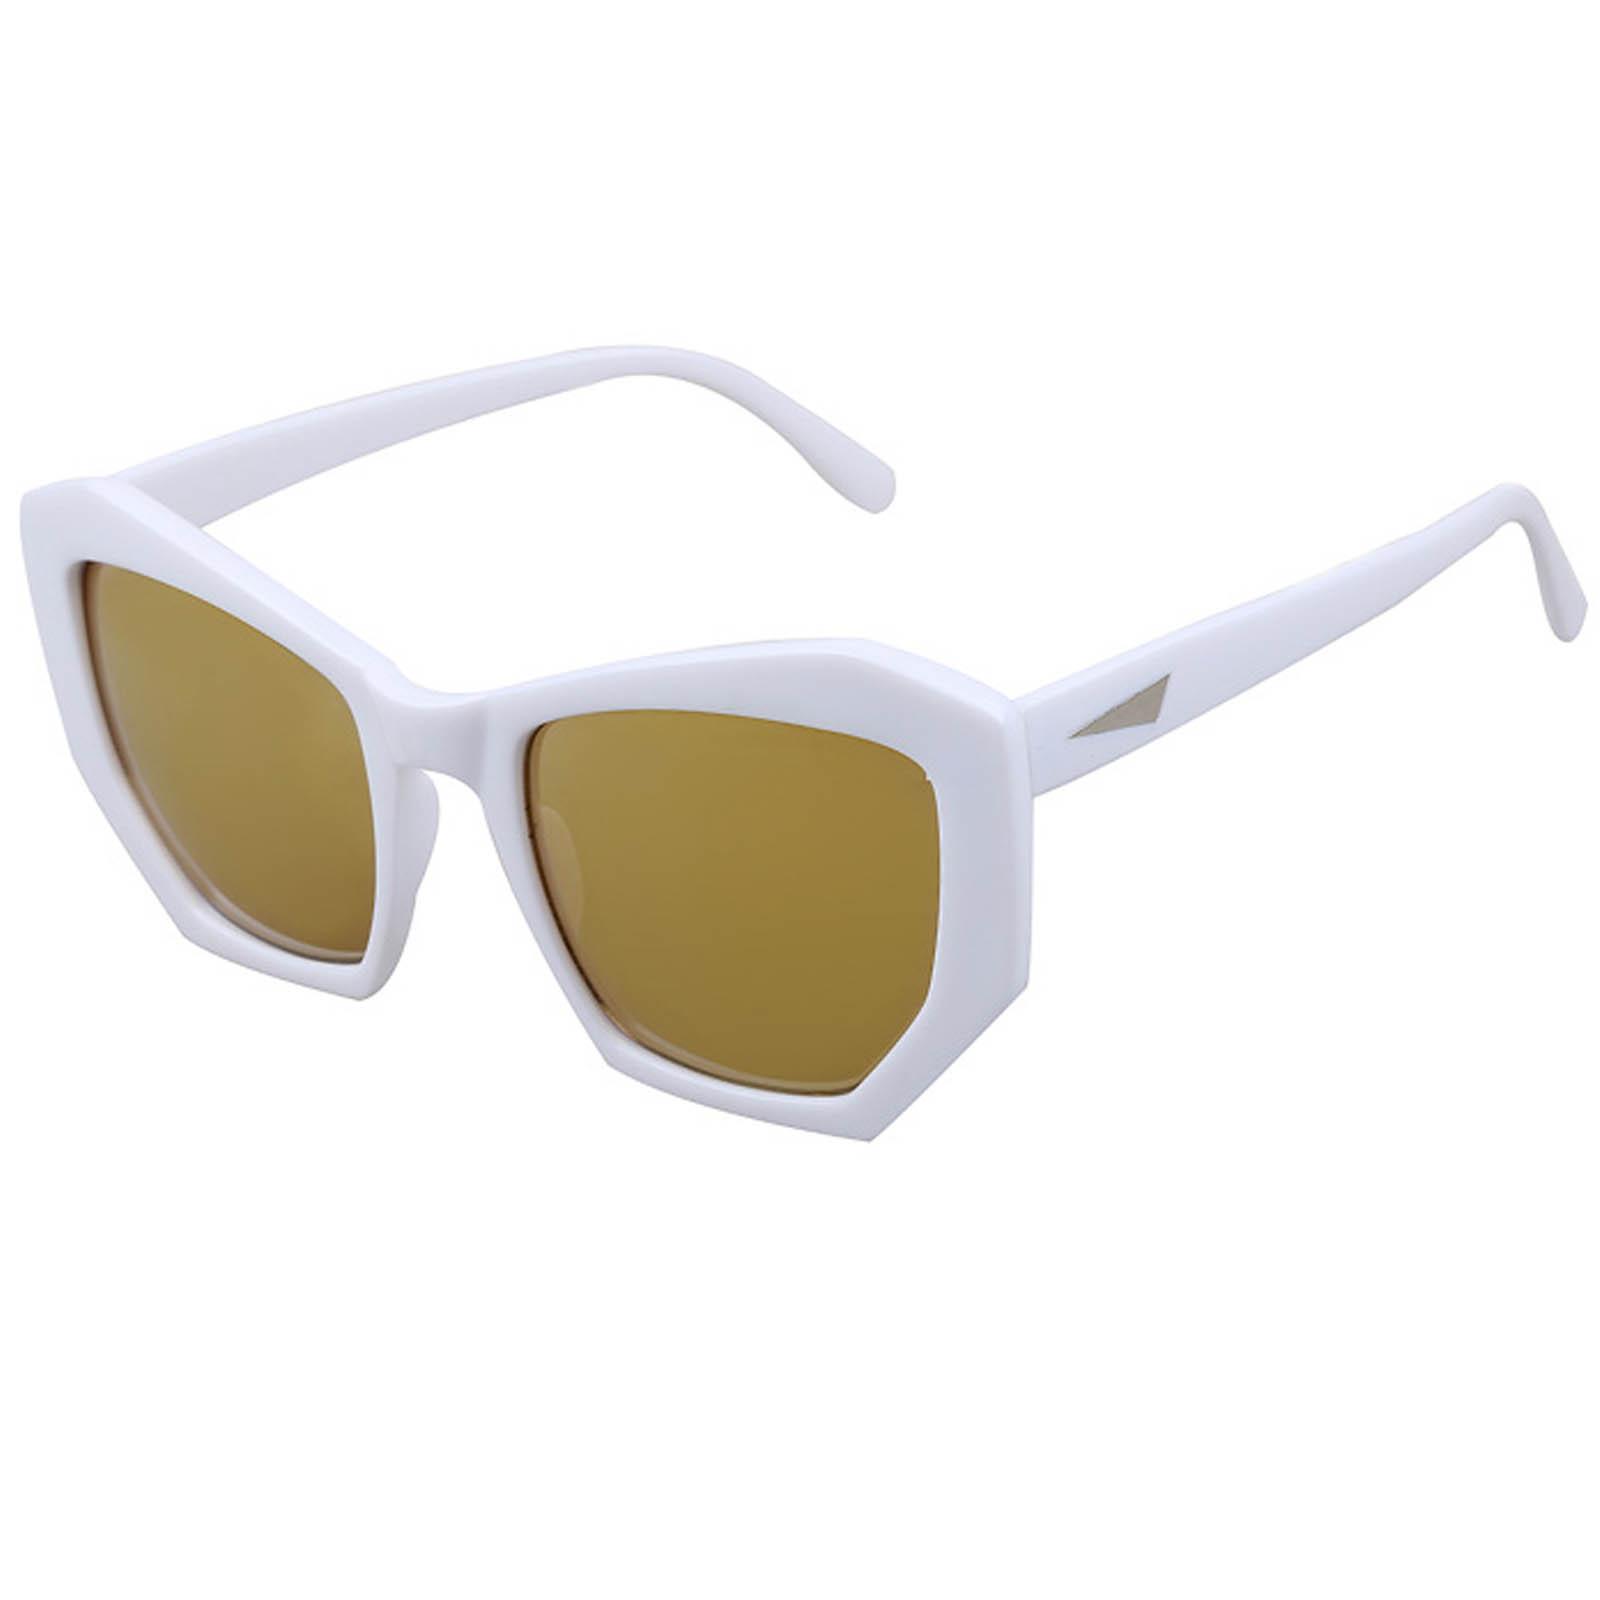 OWL ® 059 C2 Cat Pentagon Eyewear Sunglasses Women's Men's Plastic White Frame Gold Lens One Pair